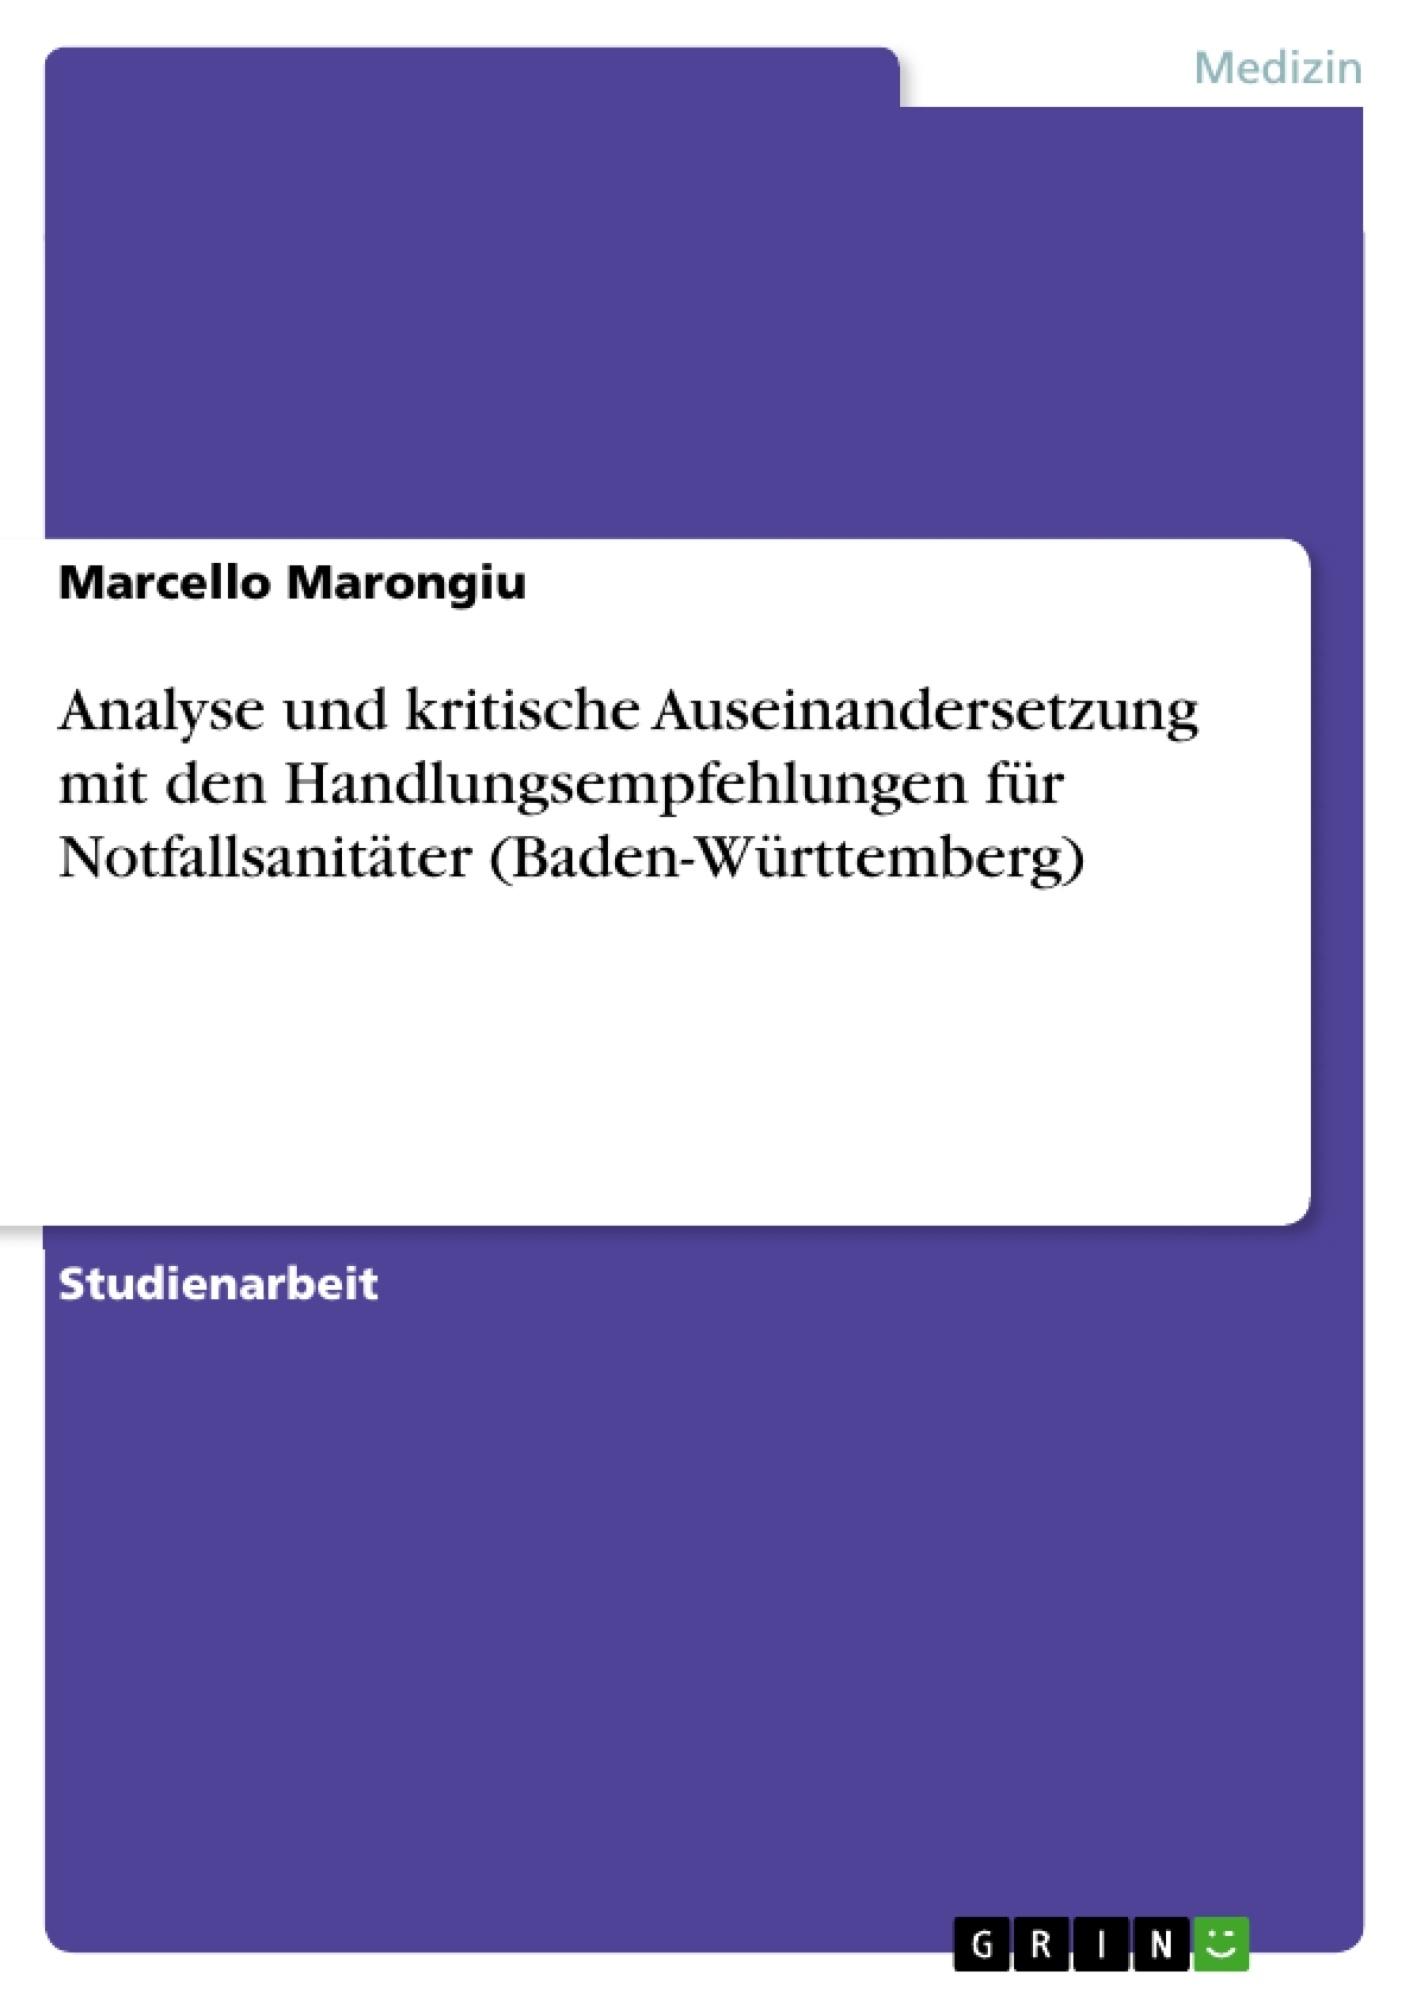 Titel: Analyse und kritische Auseinandersetzung mit den Handlungsempfehlungen für Notfallsanitäter (Baden-Württemberg)